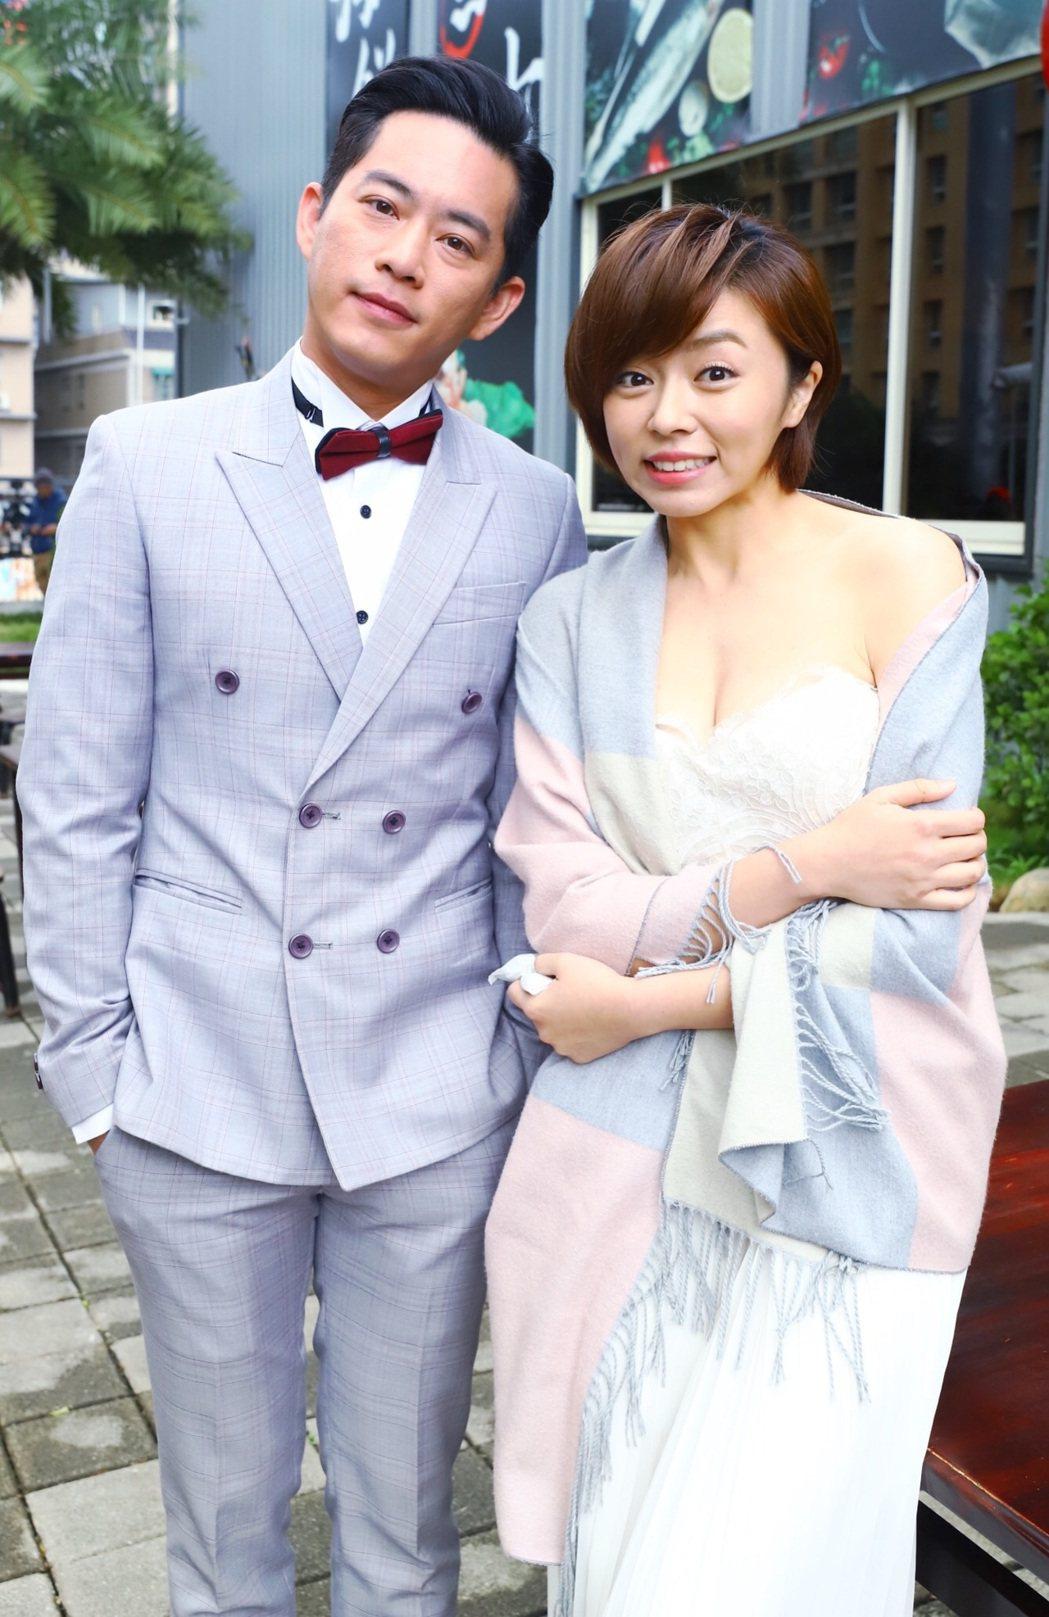 「大時代」拍結婚戲,王瞳穿爆乳伴娘服,Junior韓宜邦貼心幫她披上披肩保暖。圖